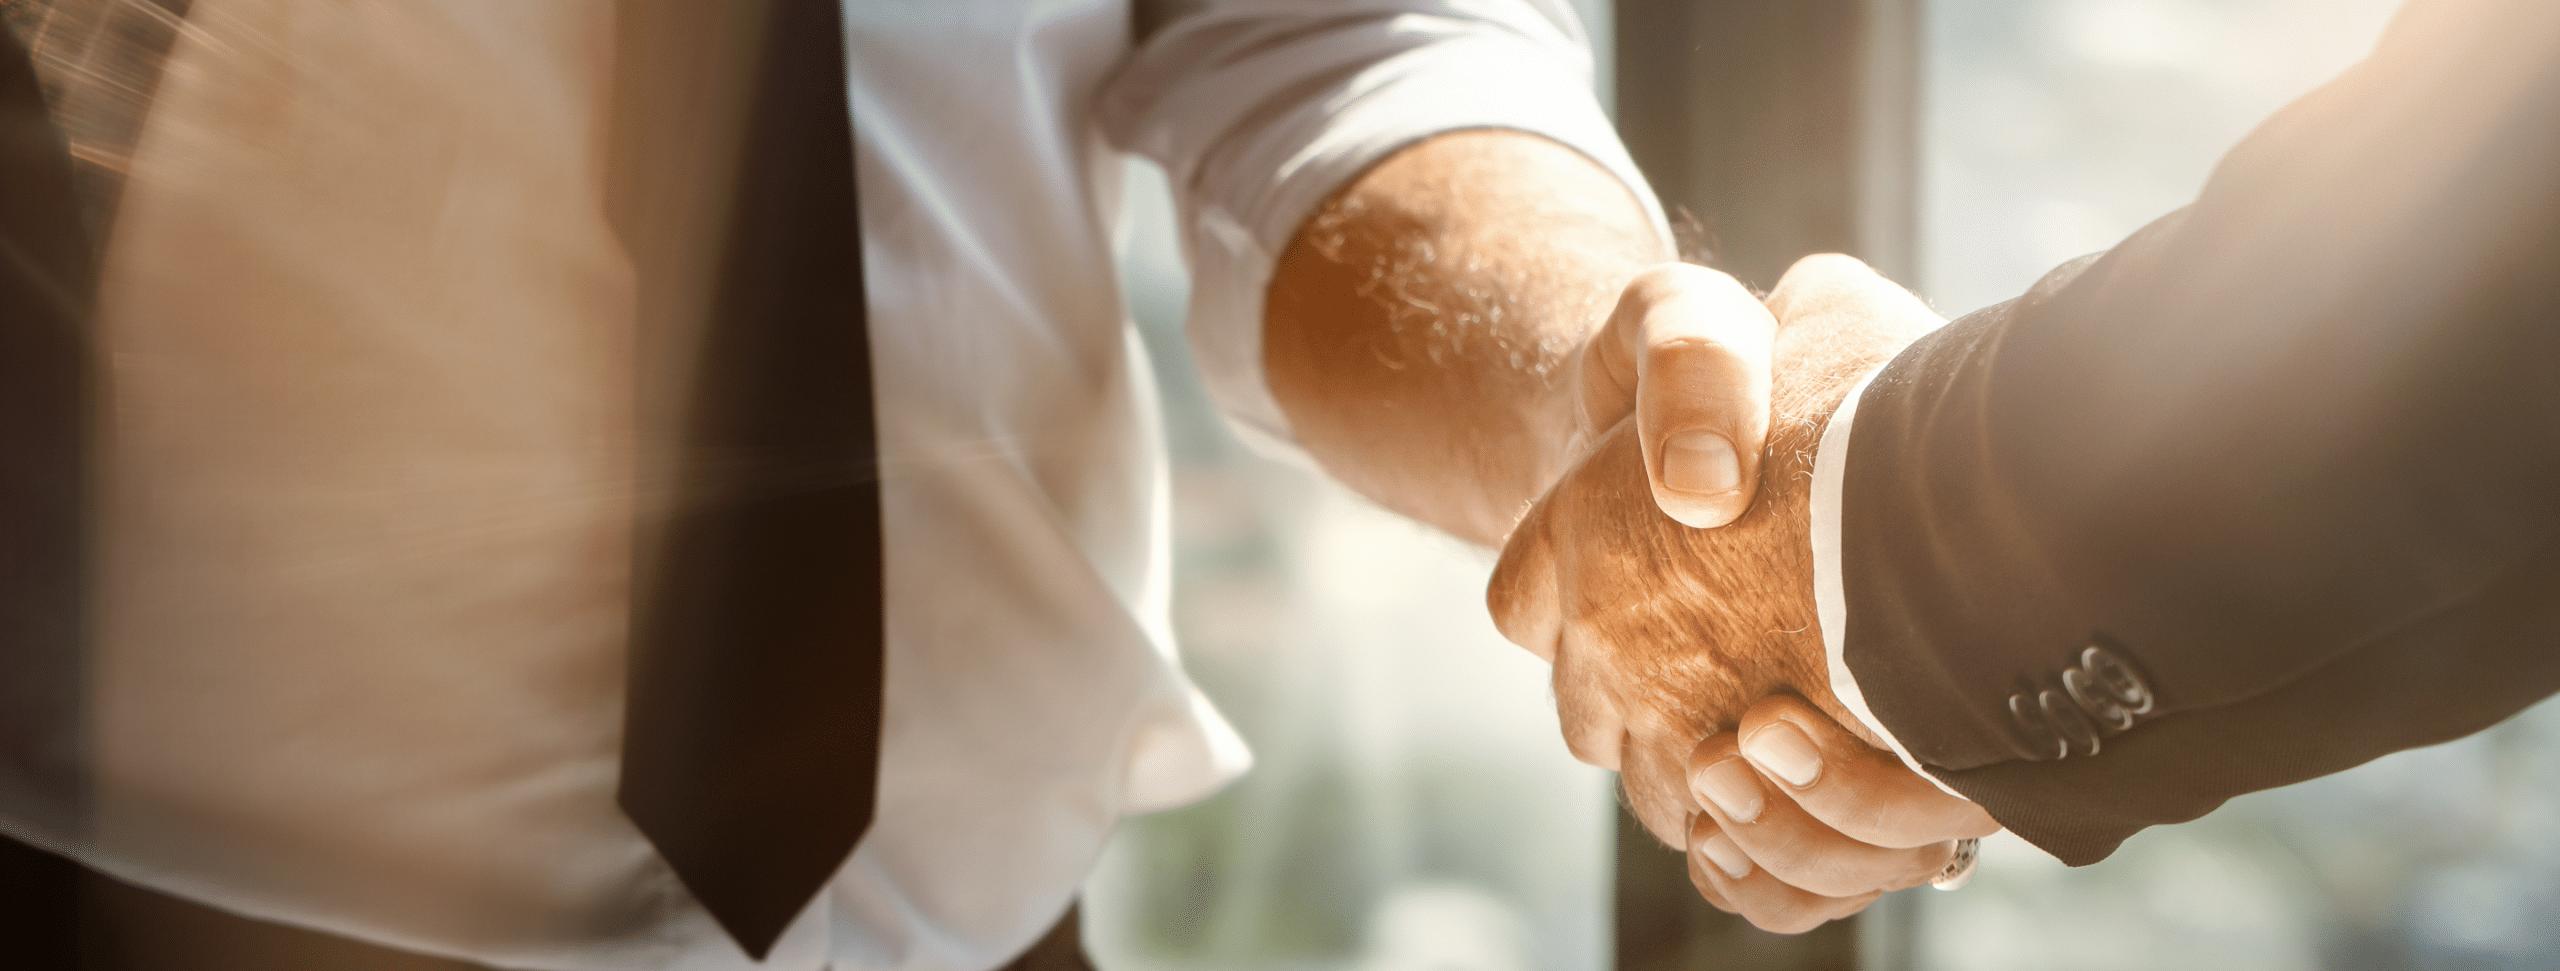 revendeur discac mains serrées